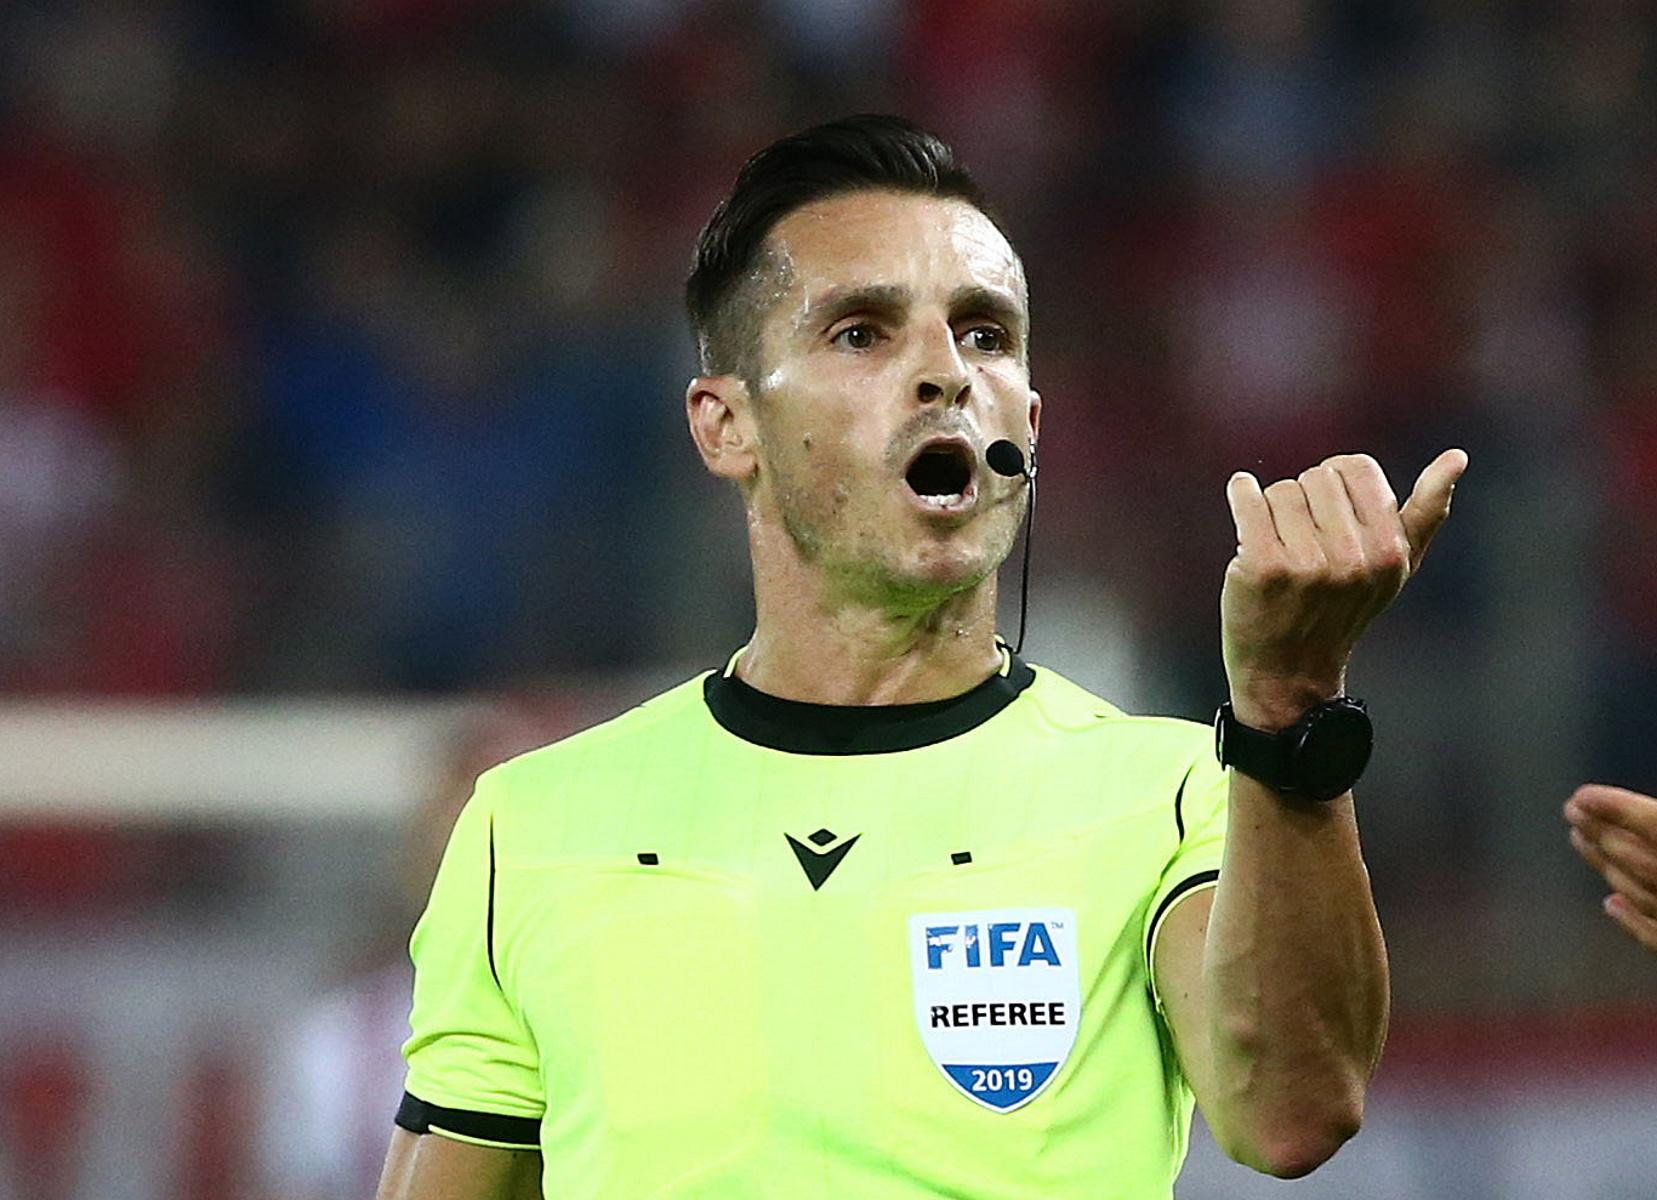 """Εθνική Ελλάδας: Ισπανική """"σφυρίχτρα"""" κατηγορίας ελίτ στο ματς με τη Σλοβενία"""